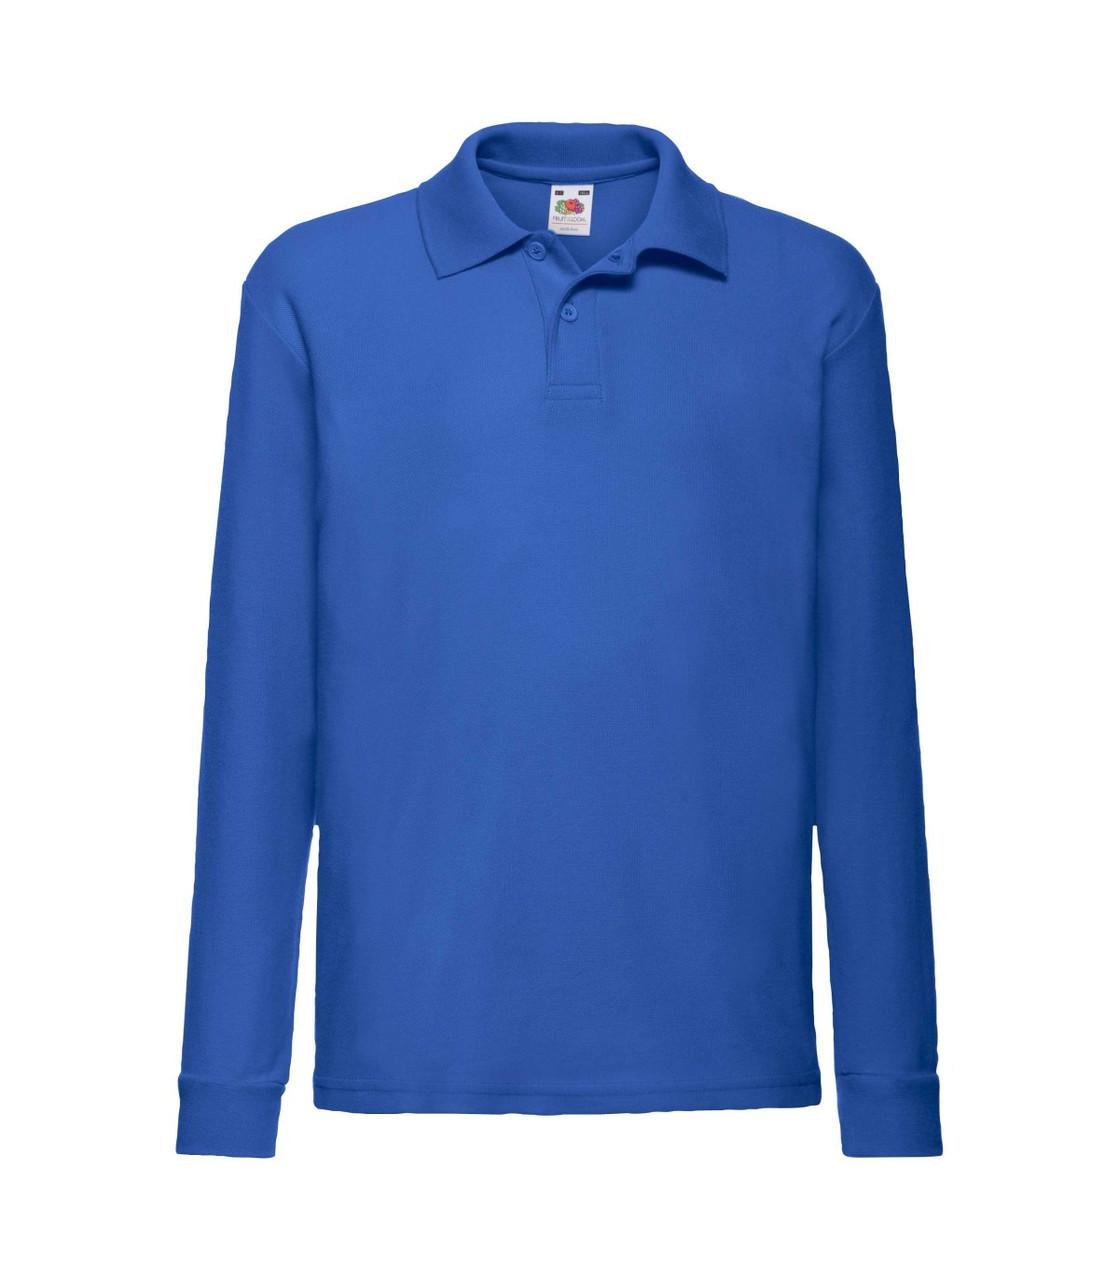 Детская футболка поло с длинным рукавом синяя 201-51